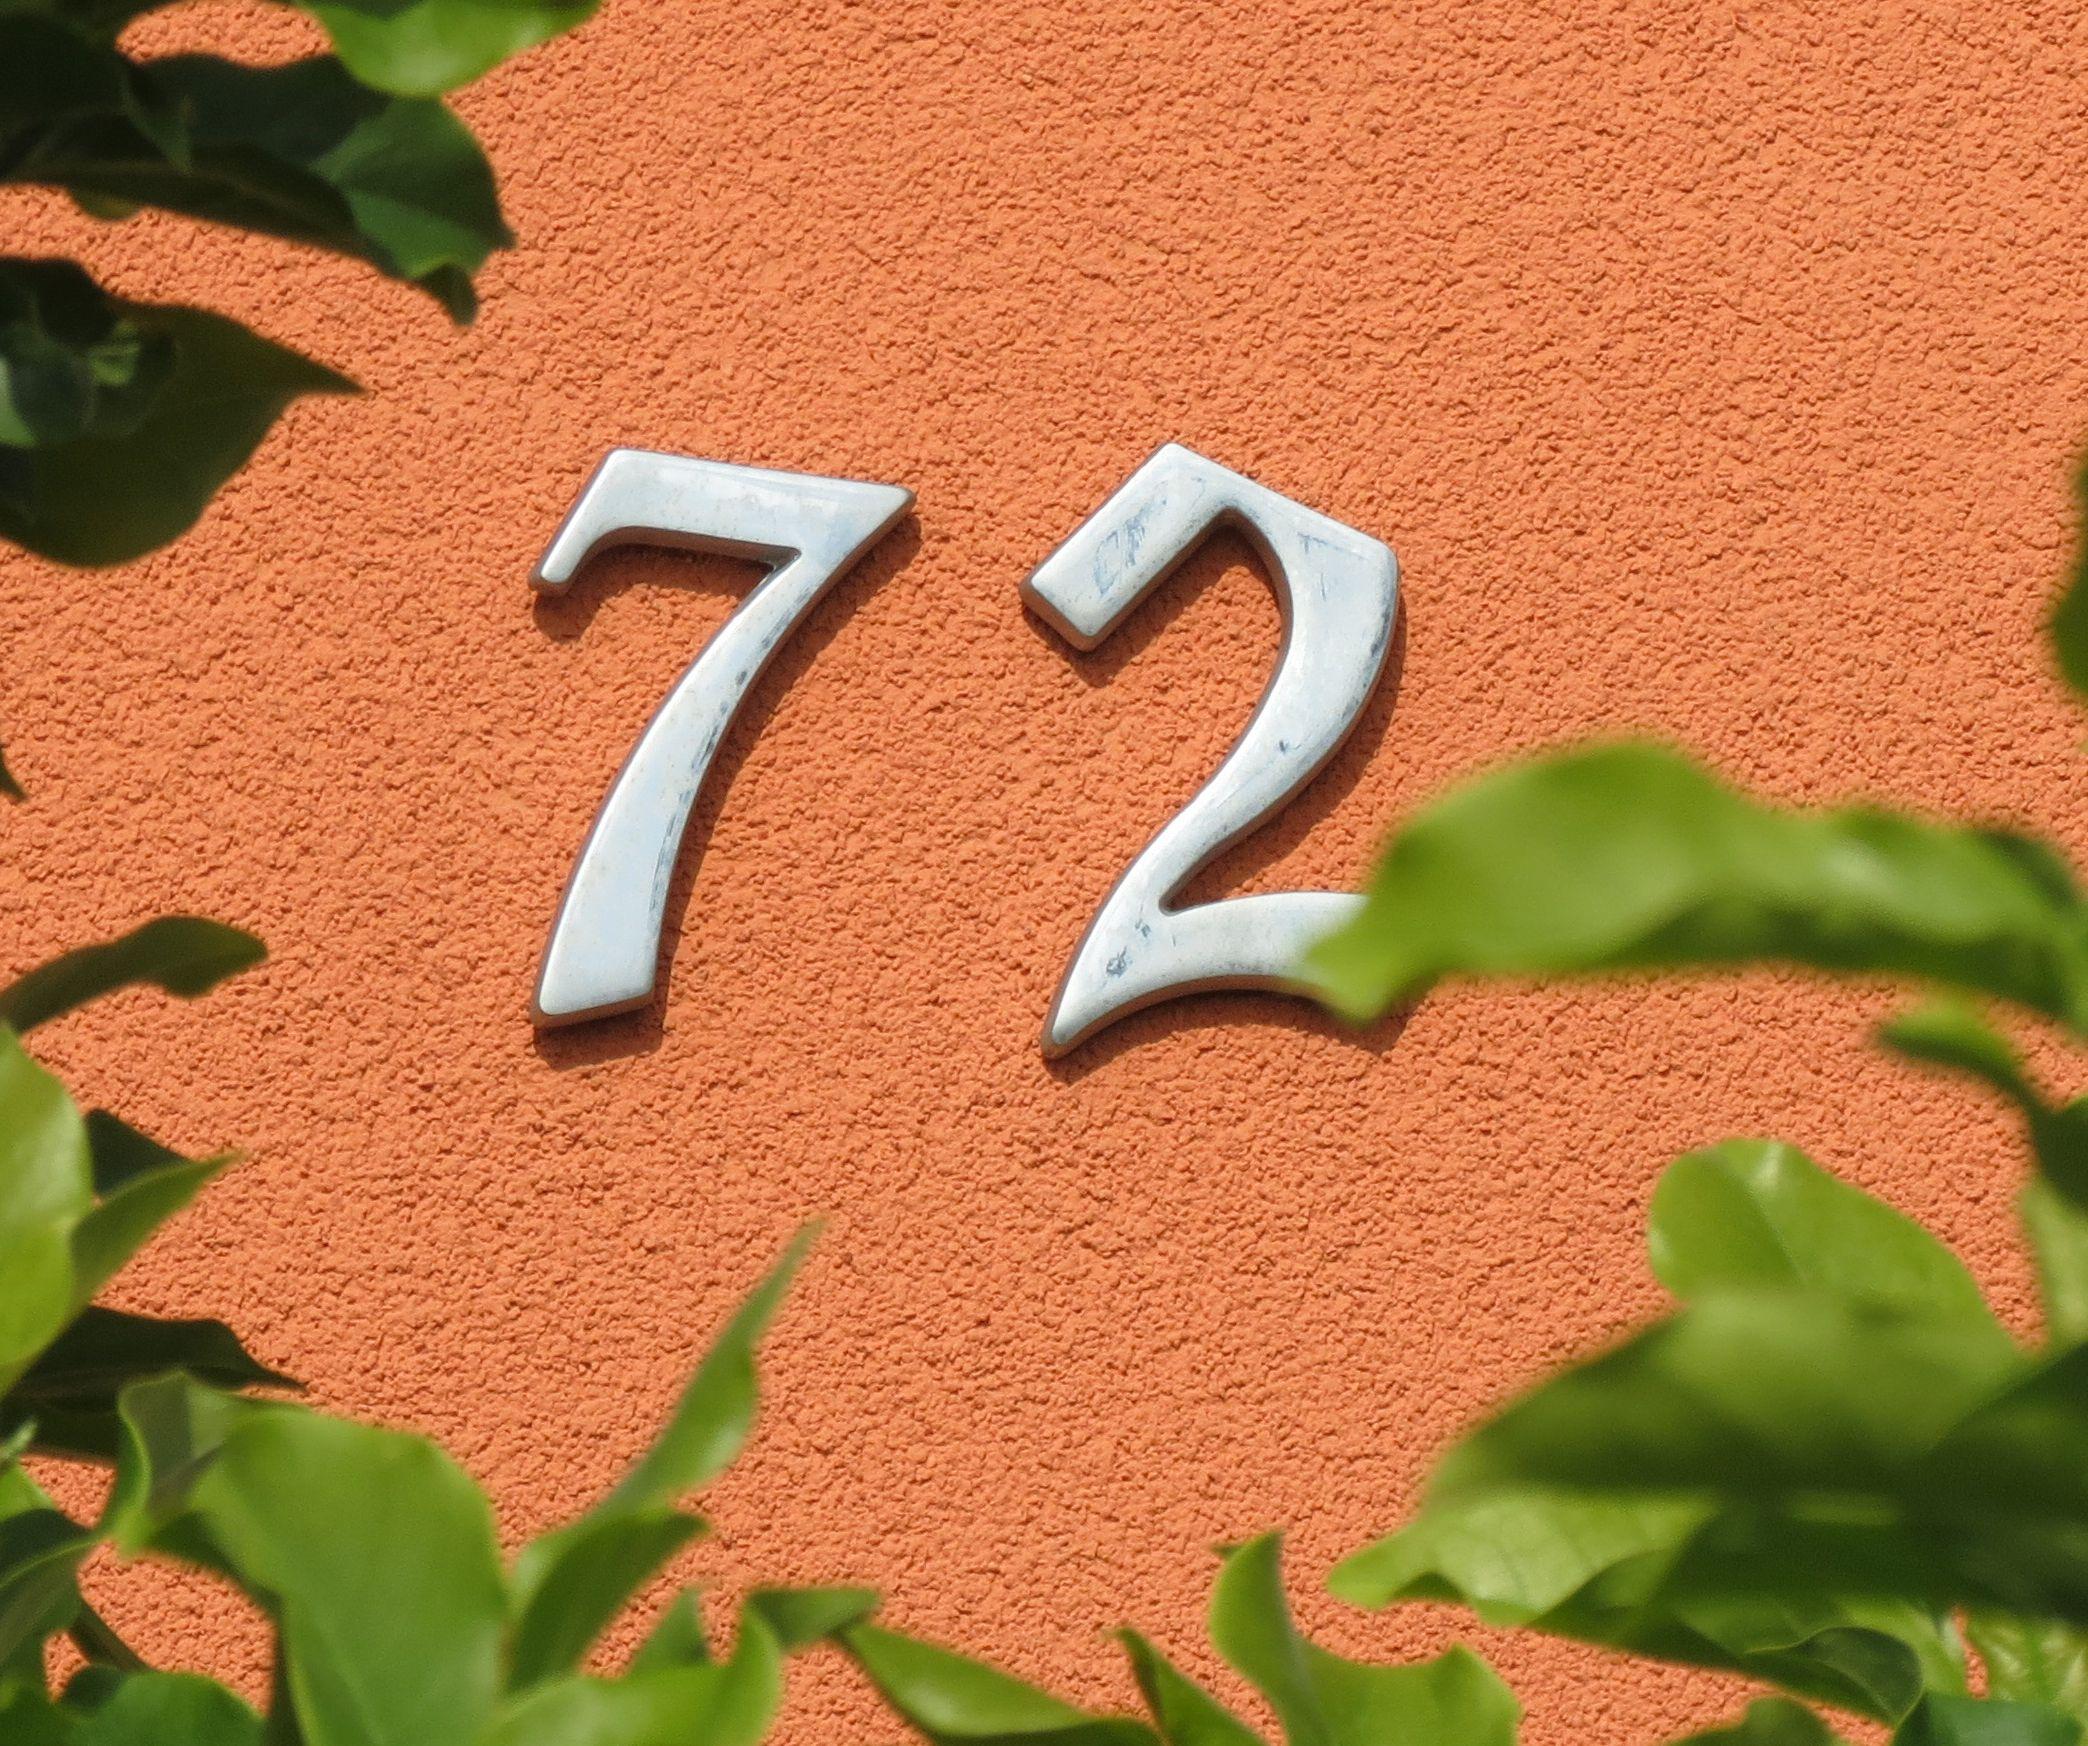 Kućni broj izrađen u masovnoj proizvodnji i kupljen u nekoj od trgovina. [VR 2020.]